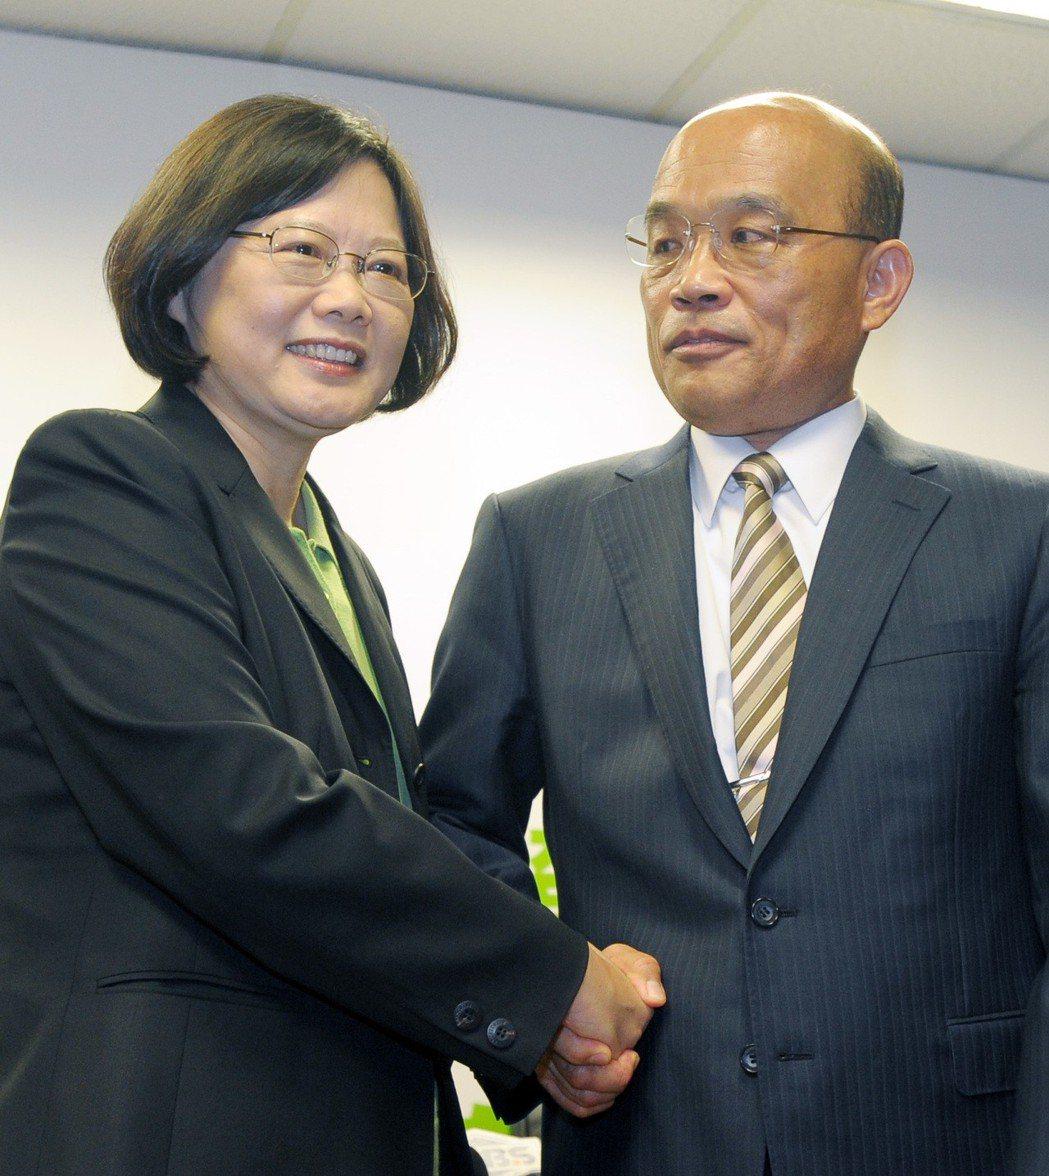 2011年5月,民進黨主席蔡英文(左)拜訪行政院前院長蘇貞昌(右),蔡蘇會上,蘇...